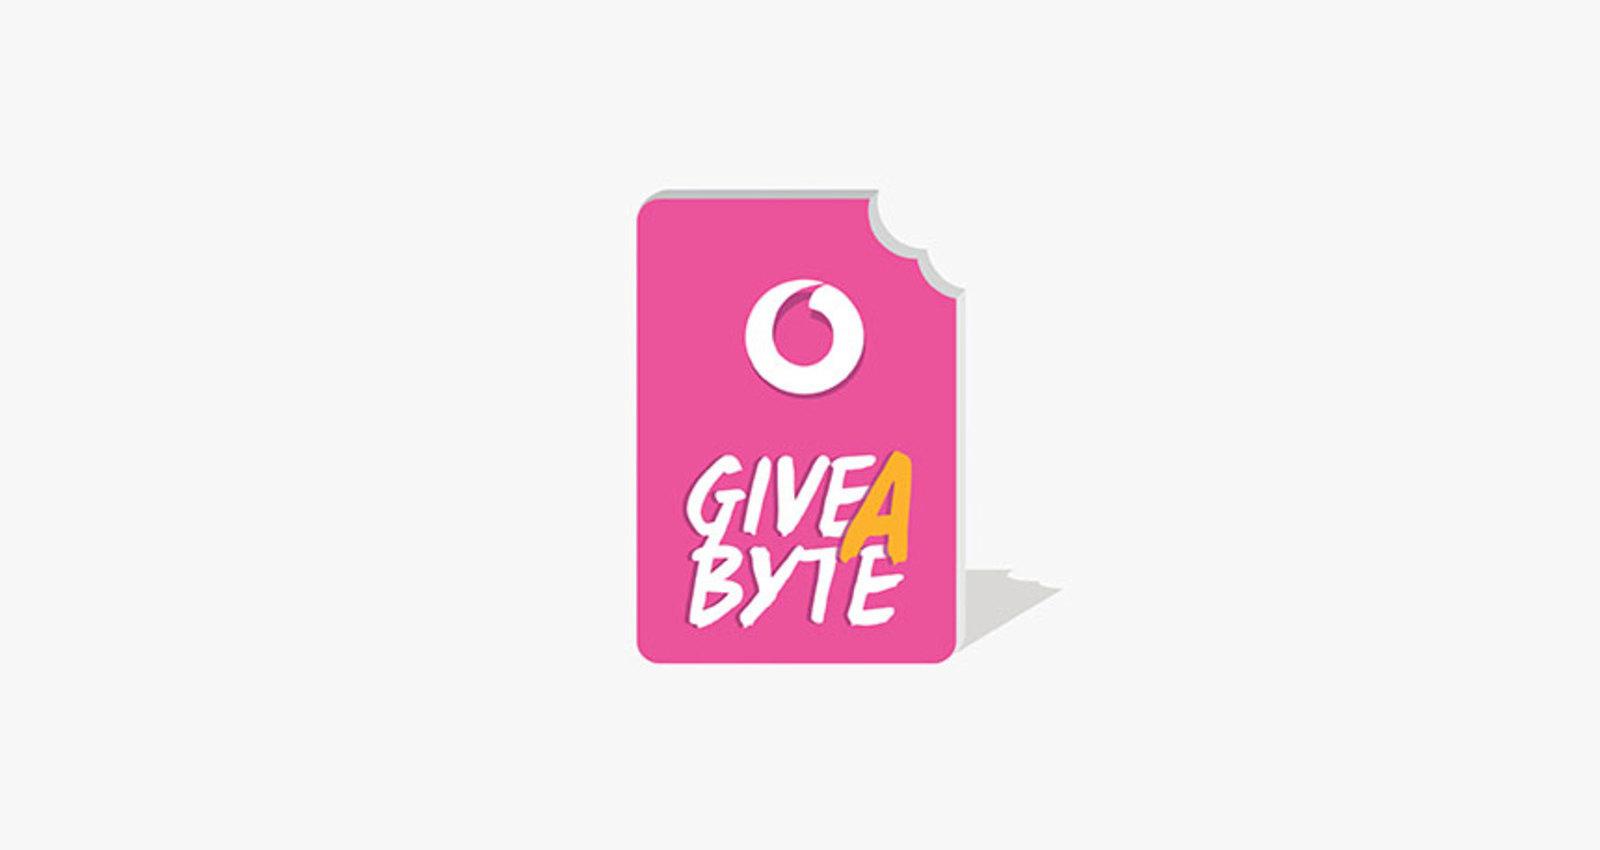 Give A Byte